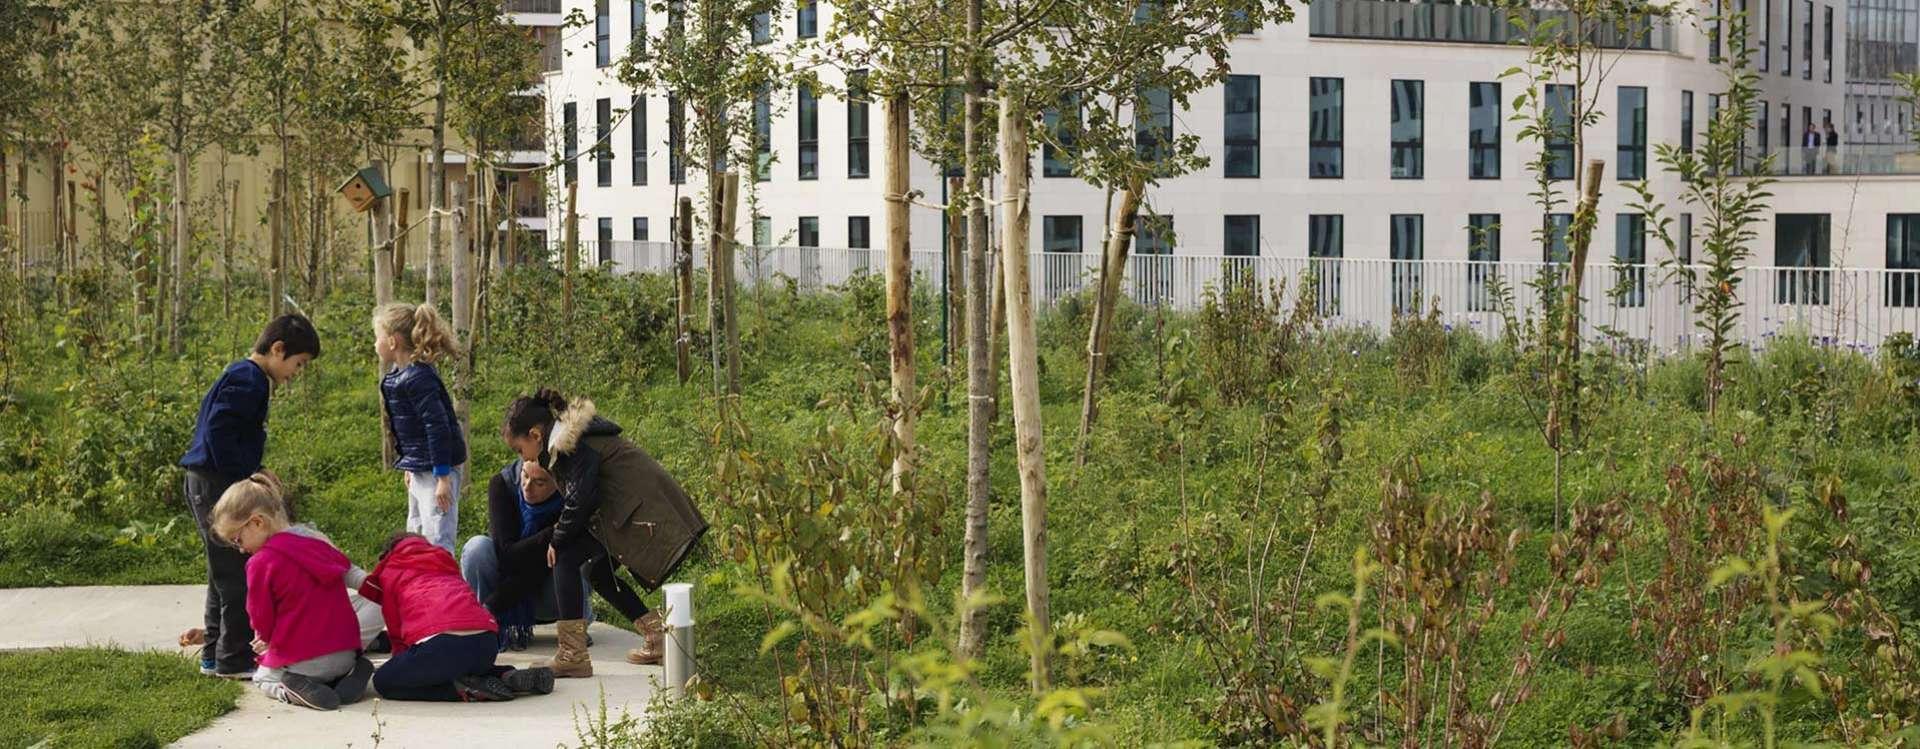 Vers des bâtiments créateurs de biodiversité ?